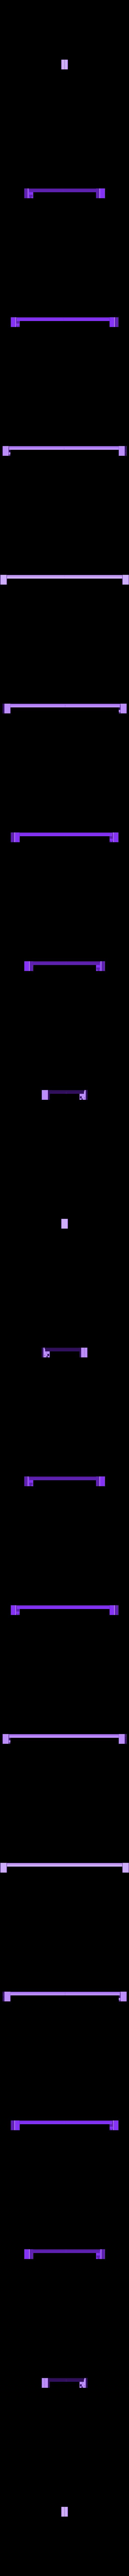 socket_rail.stl Télécharger fichier STL gratuit Organiseur de prises avec rail, double • Objet pour impression 3D, danielscatigno